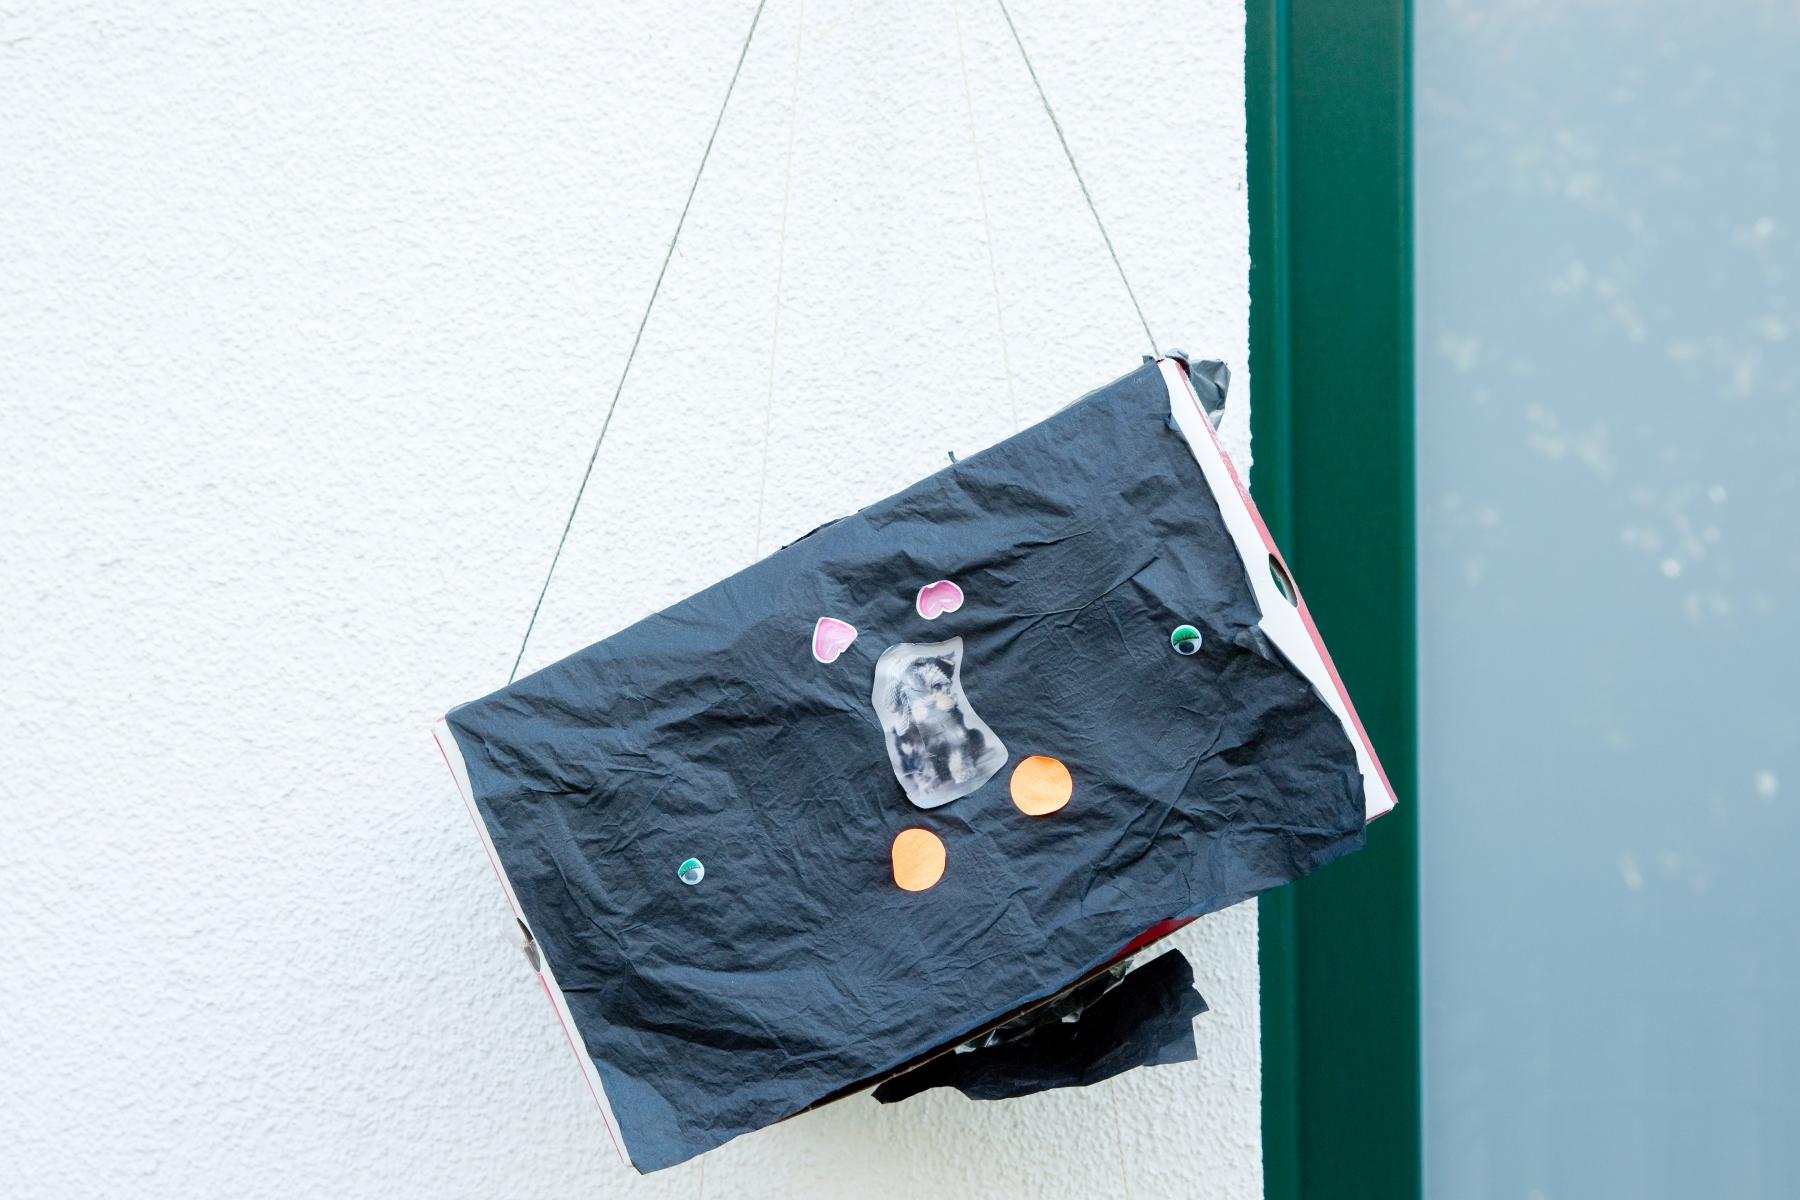 Selbstgebastelte Briefkästen von Kindern in Köln-Raderberg, Bild: Ulla Giesen